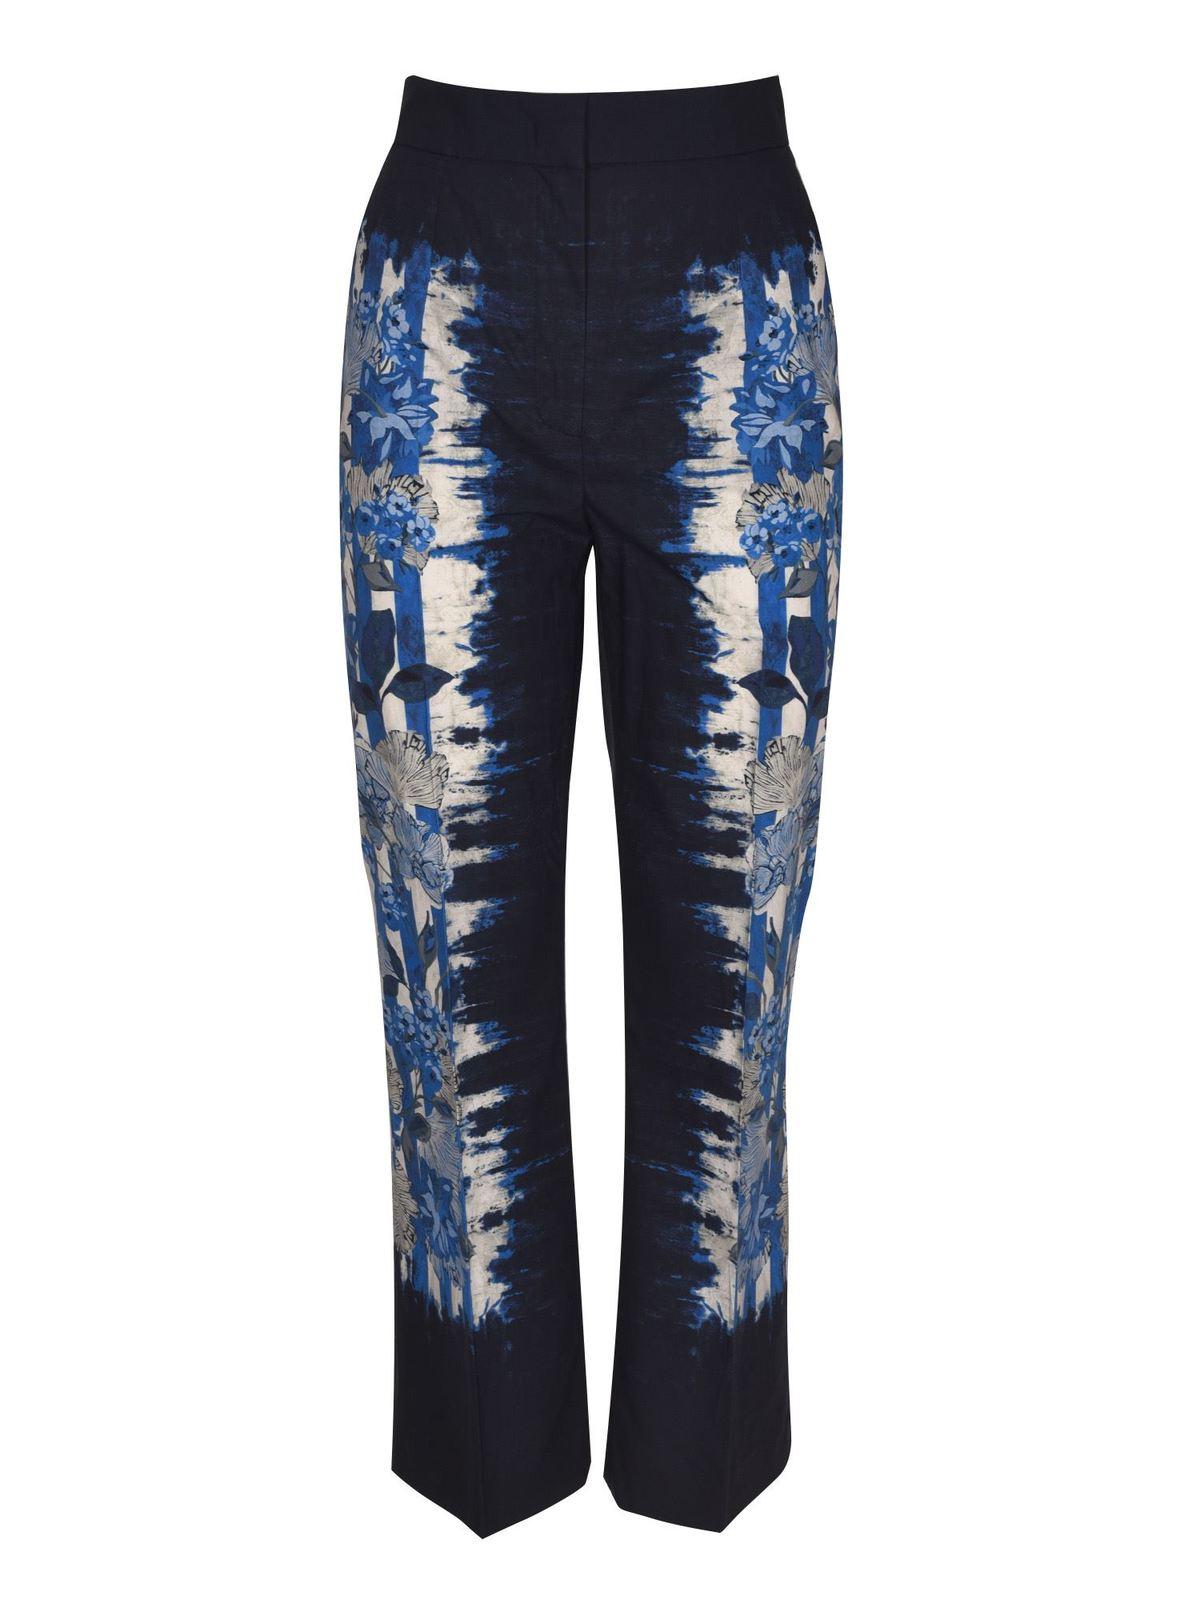 Alberta Ferretti FLORAL TIE DYE PANTS IN BLUE